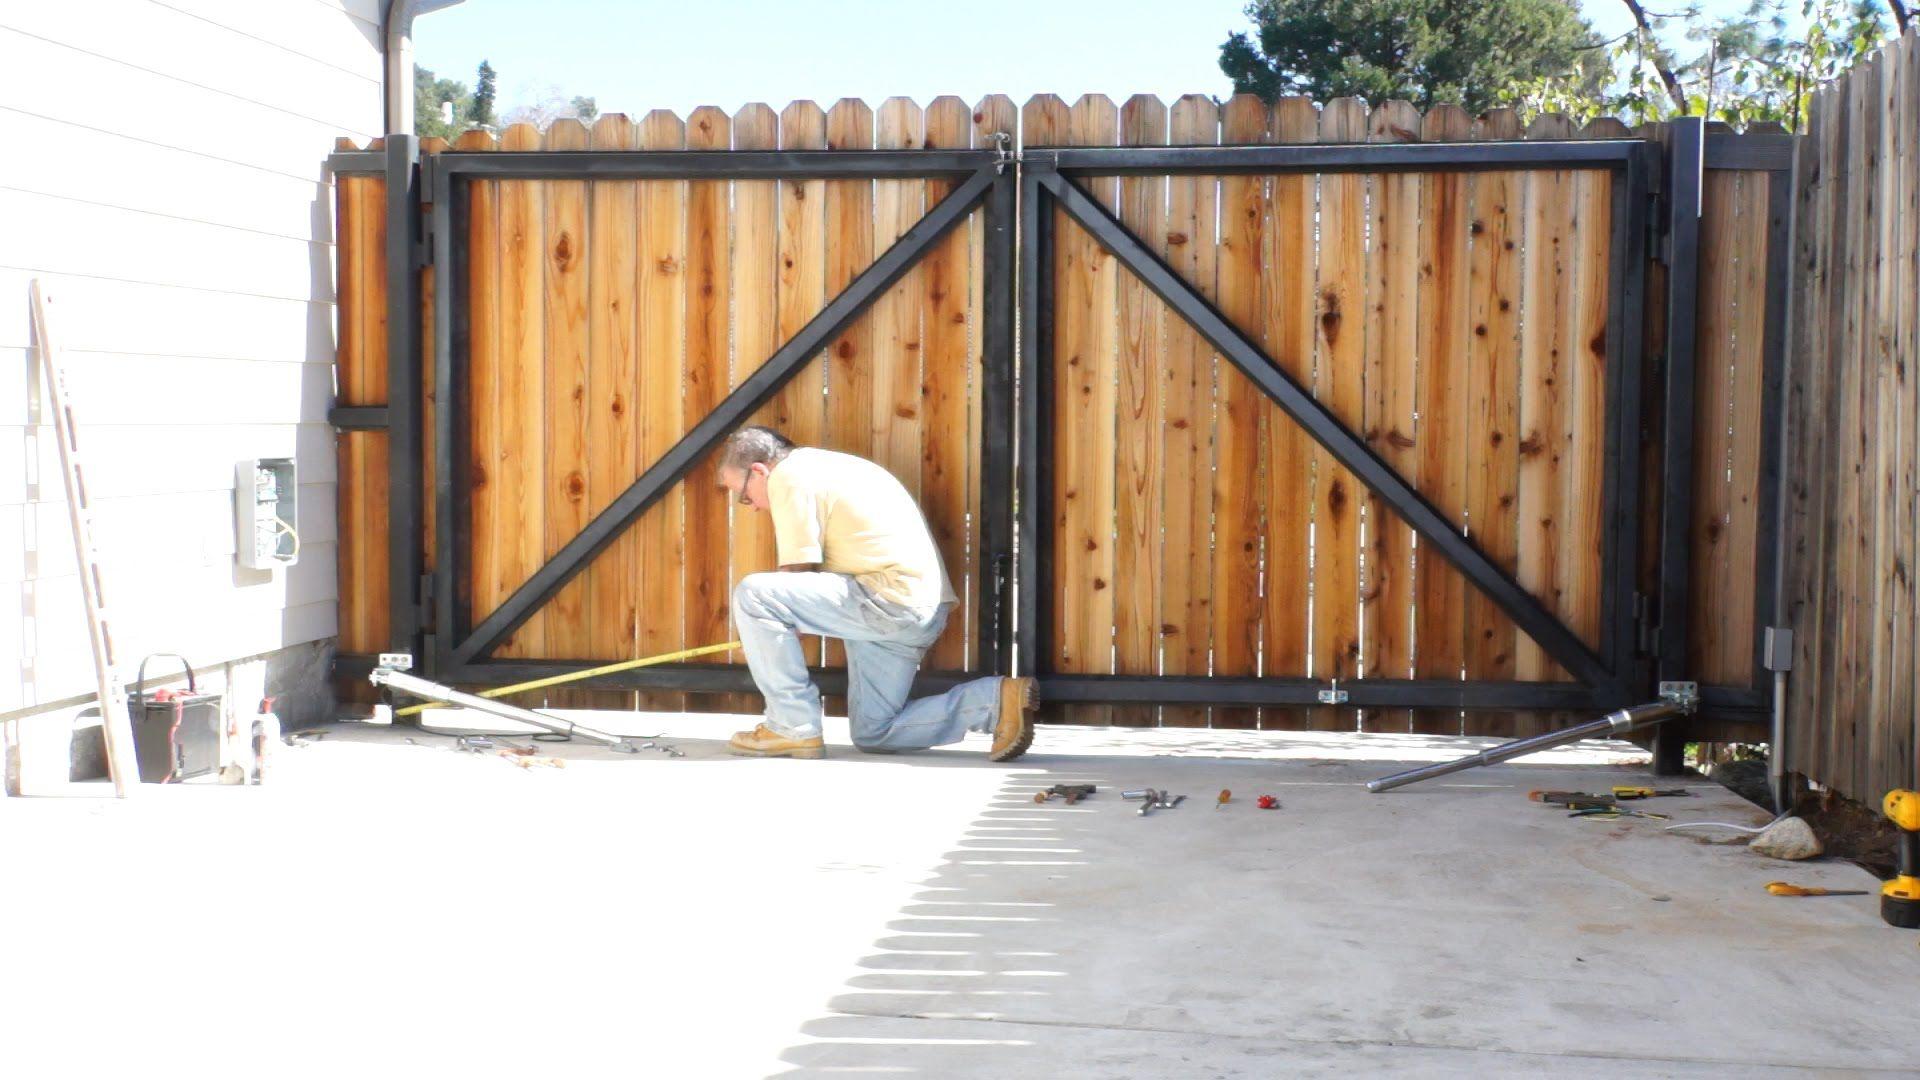 E8 300mm Dual Swing Gate Opener Installation Swing Gate Opener Sliding Gate Driveway Gate